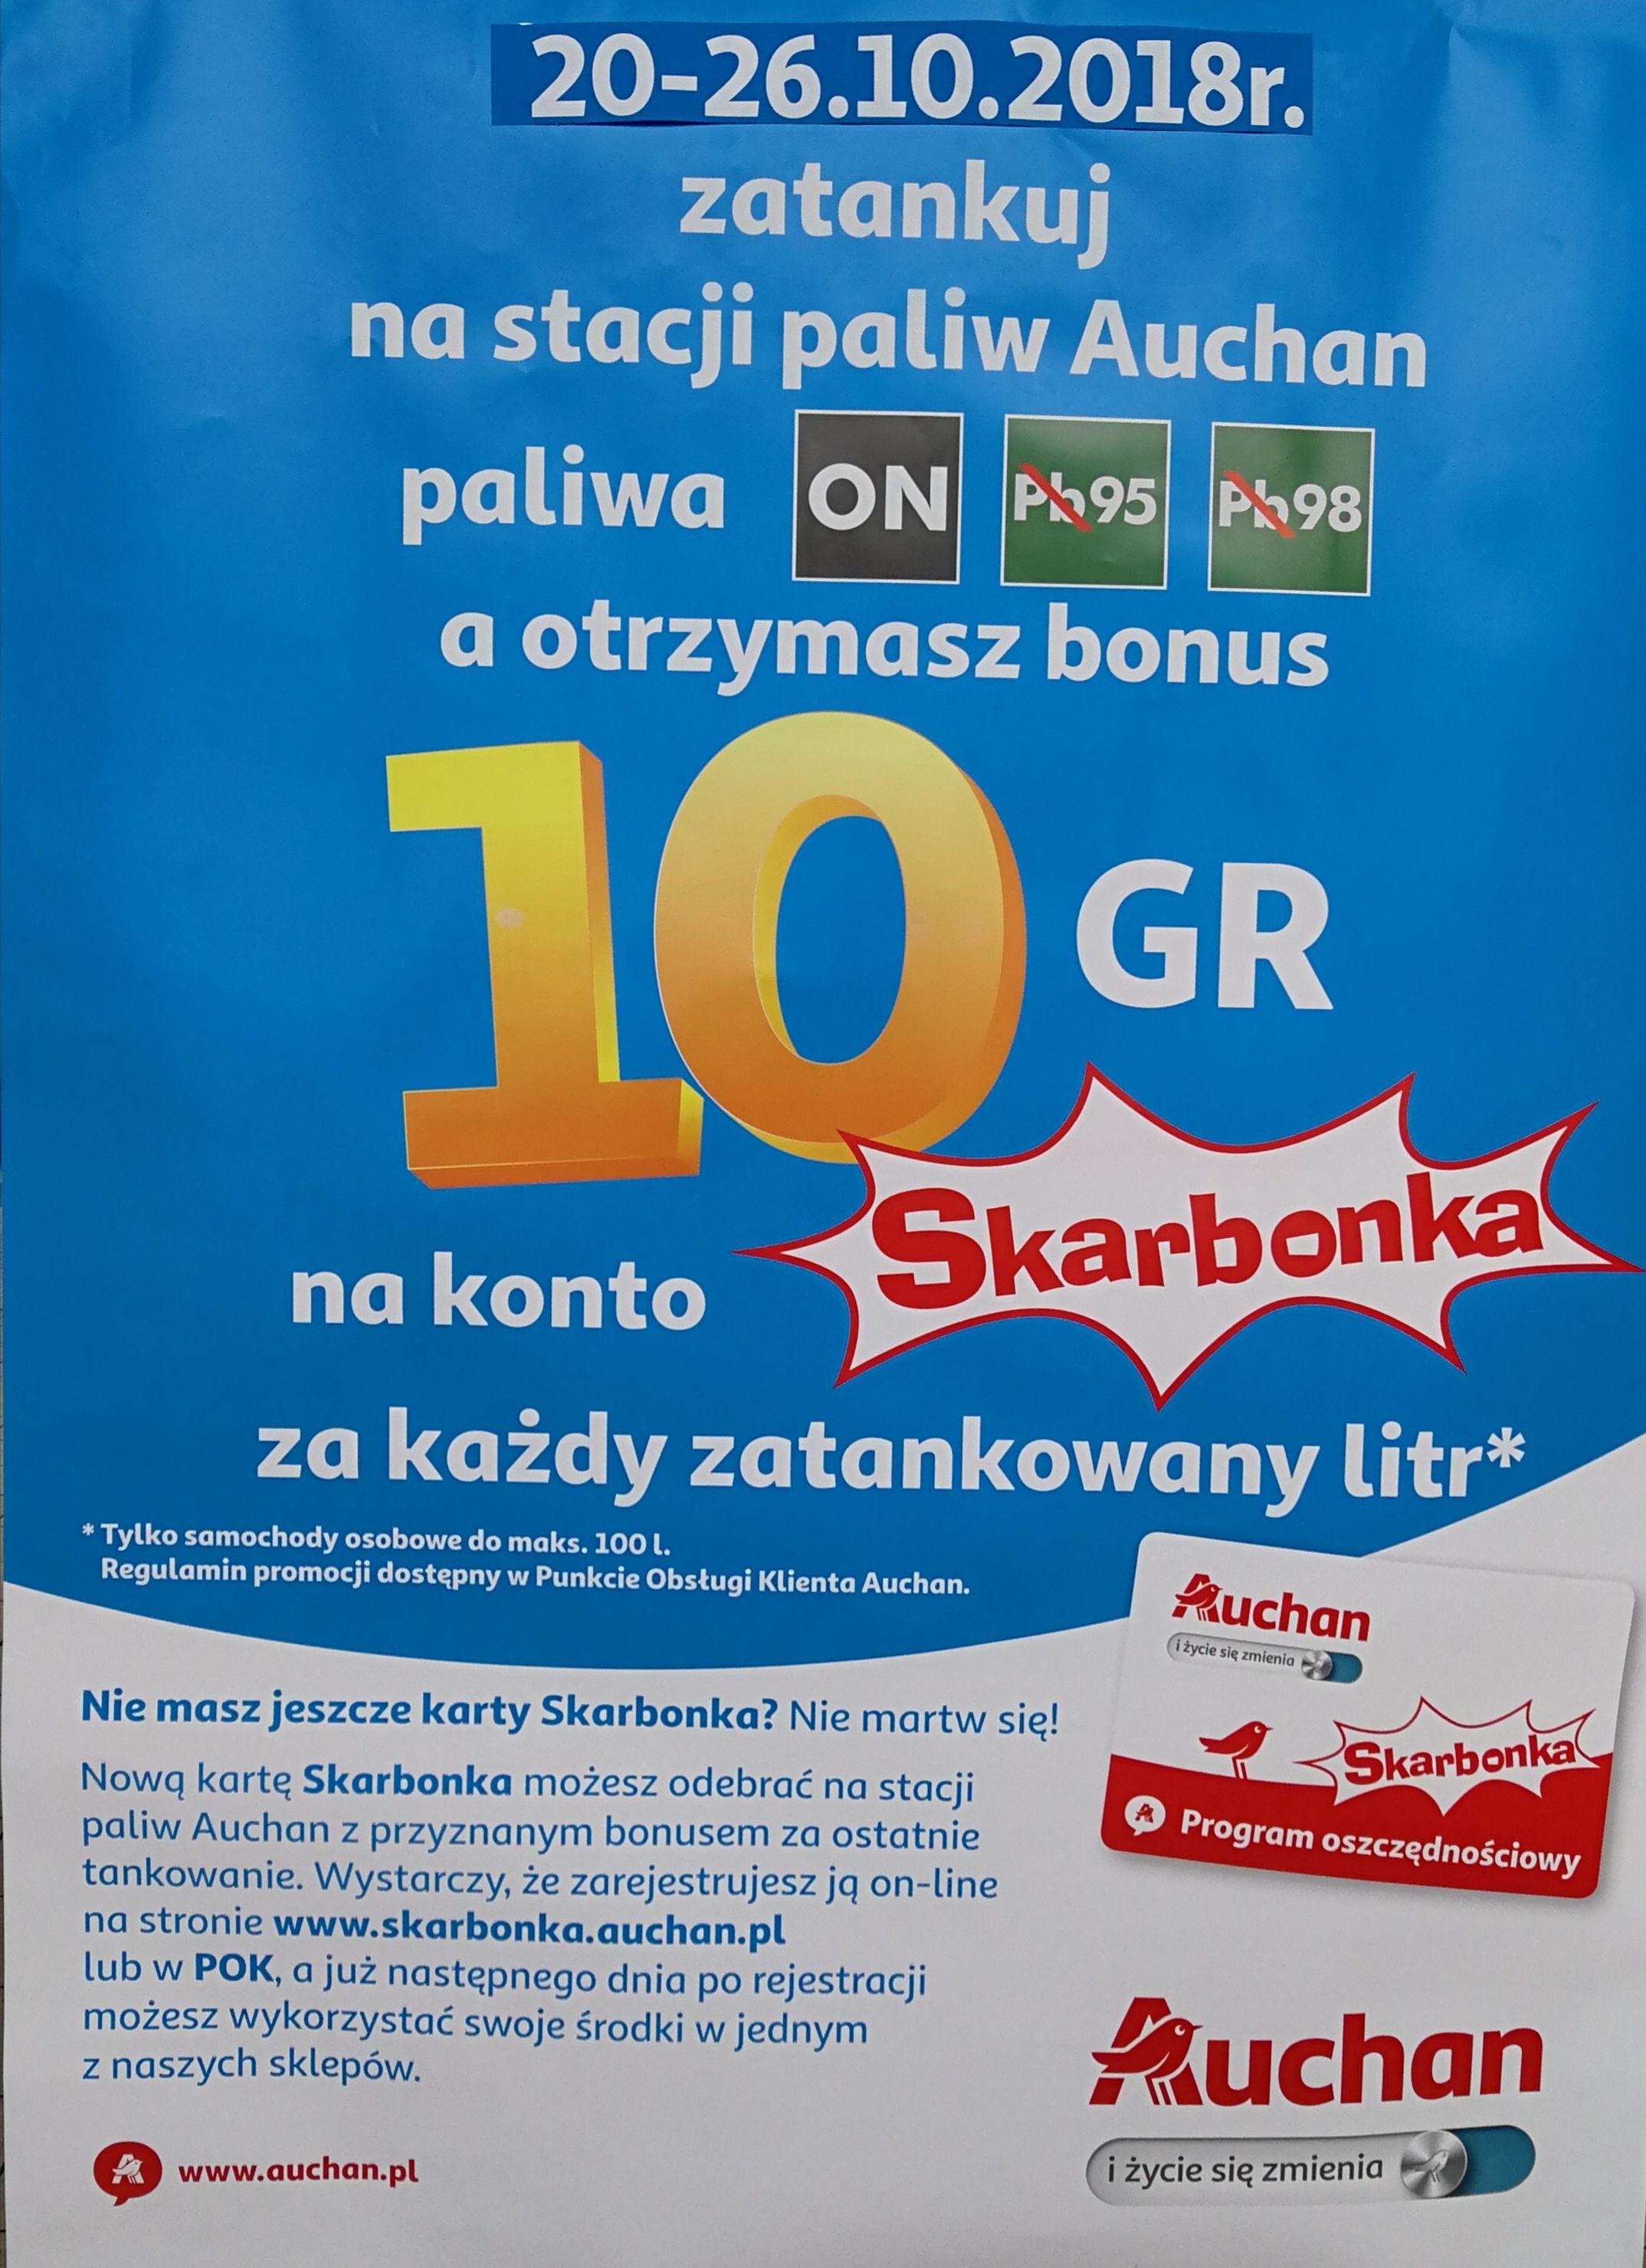 Bonus 10 groszy na kartę Skarbonka za każdy litr paliwa na stacji @Auchan